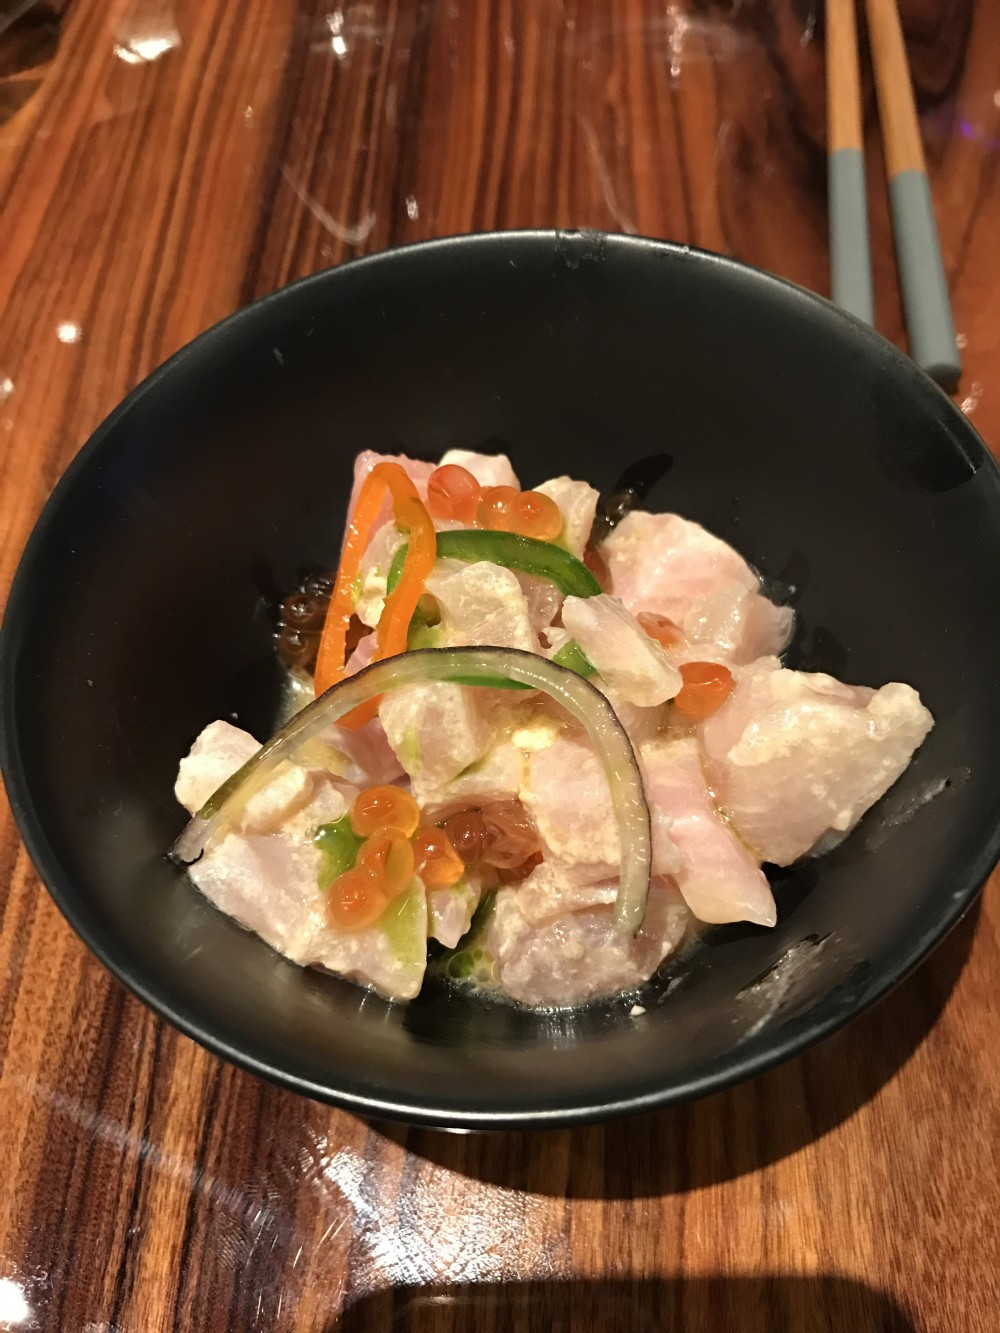 Asiatique, Cevice di Ricciola con uova di salmone, cipolla rossa e habanero